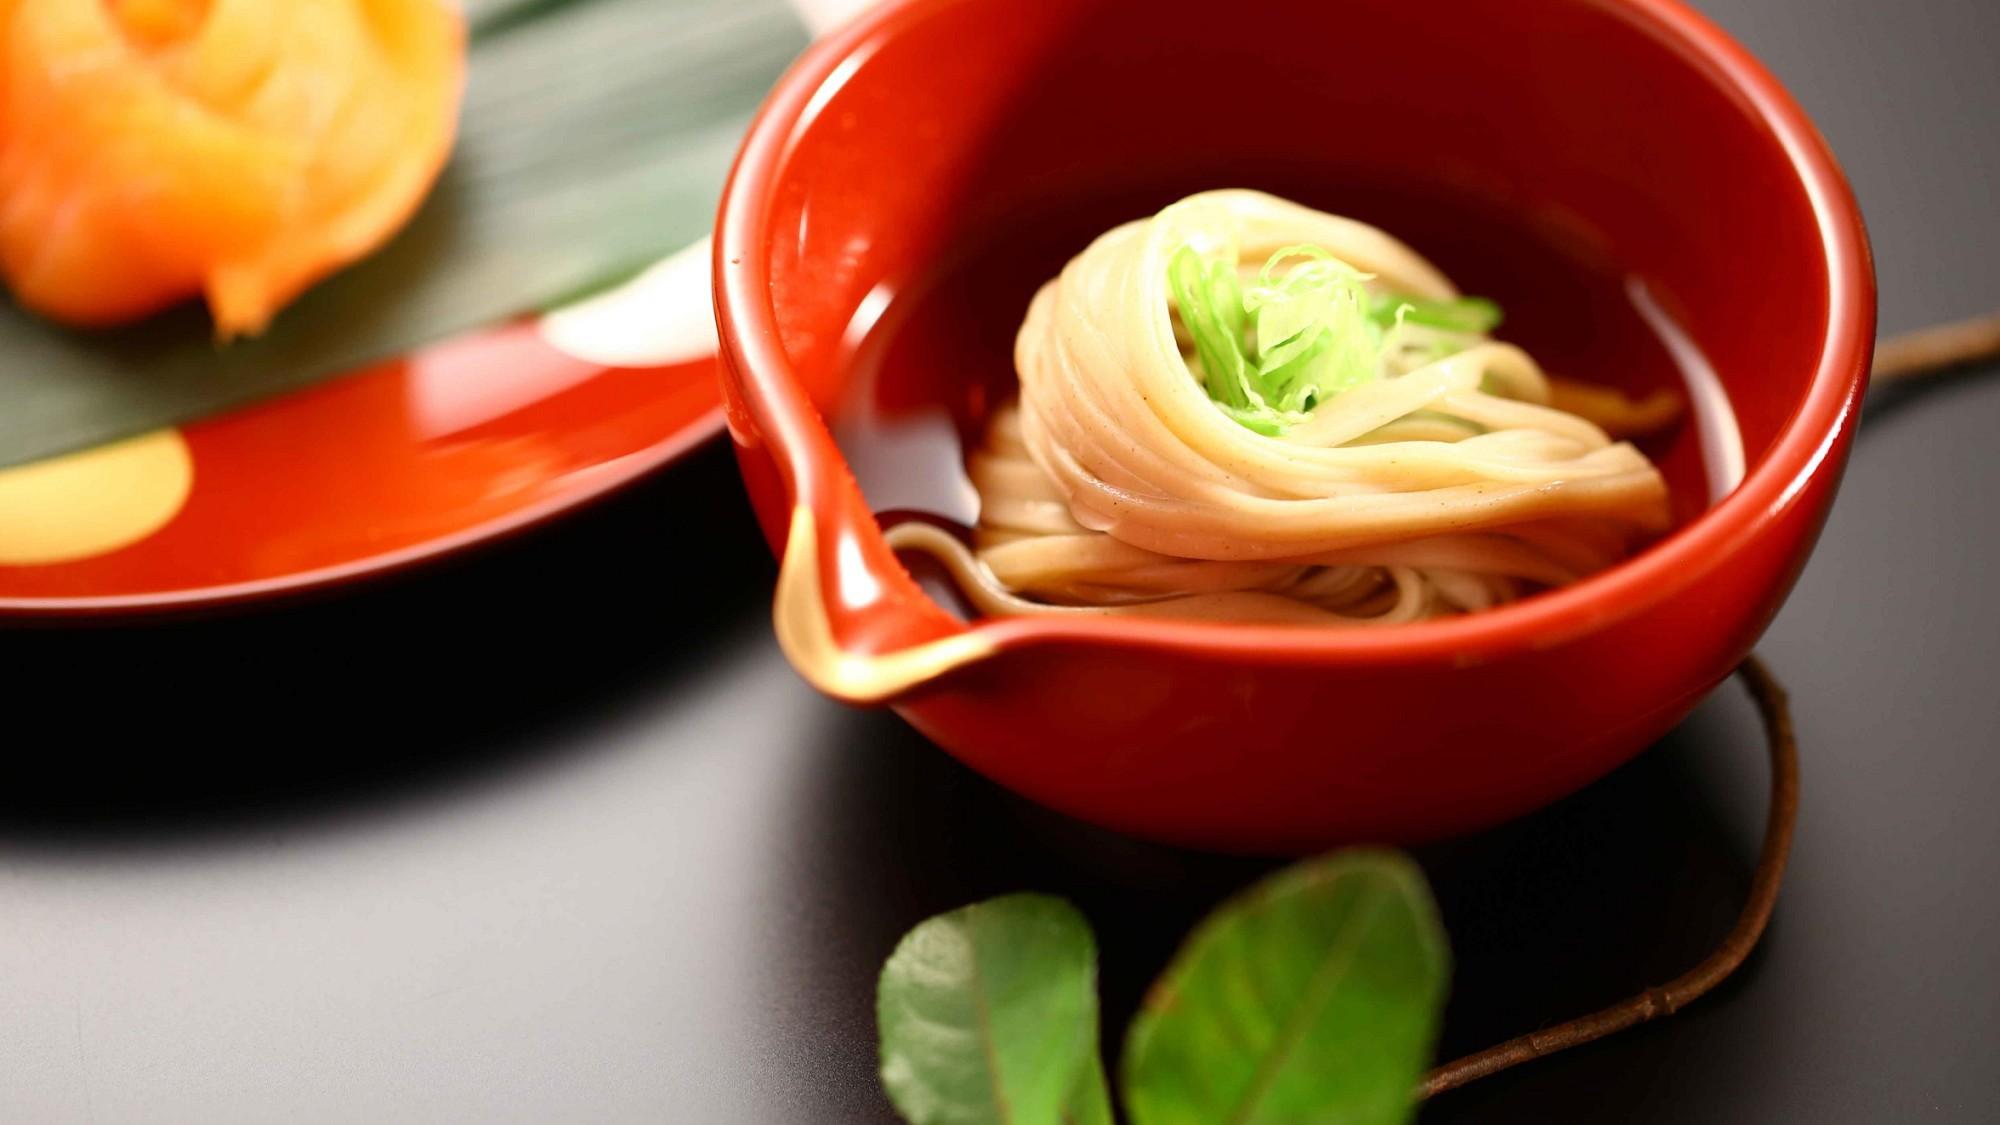 信州の旬の食材を取り入れた創作和食をお楽しみ下さい。